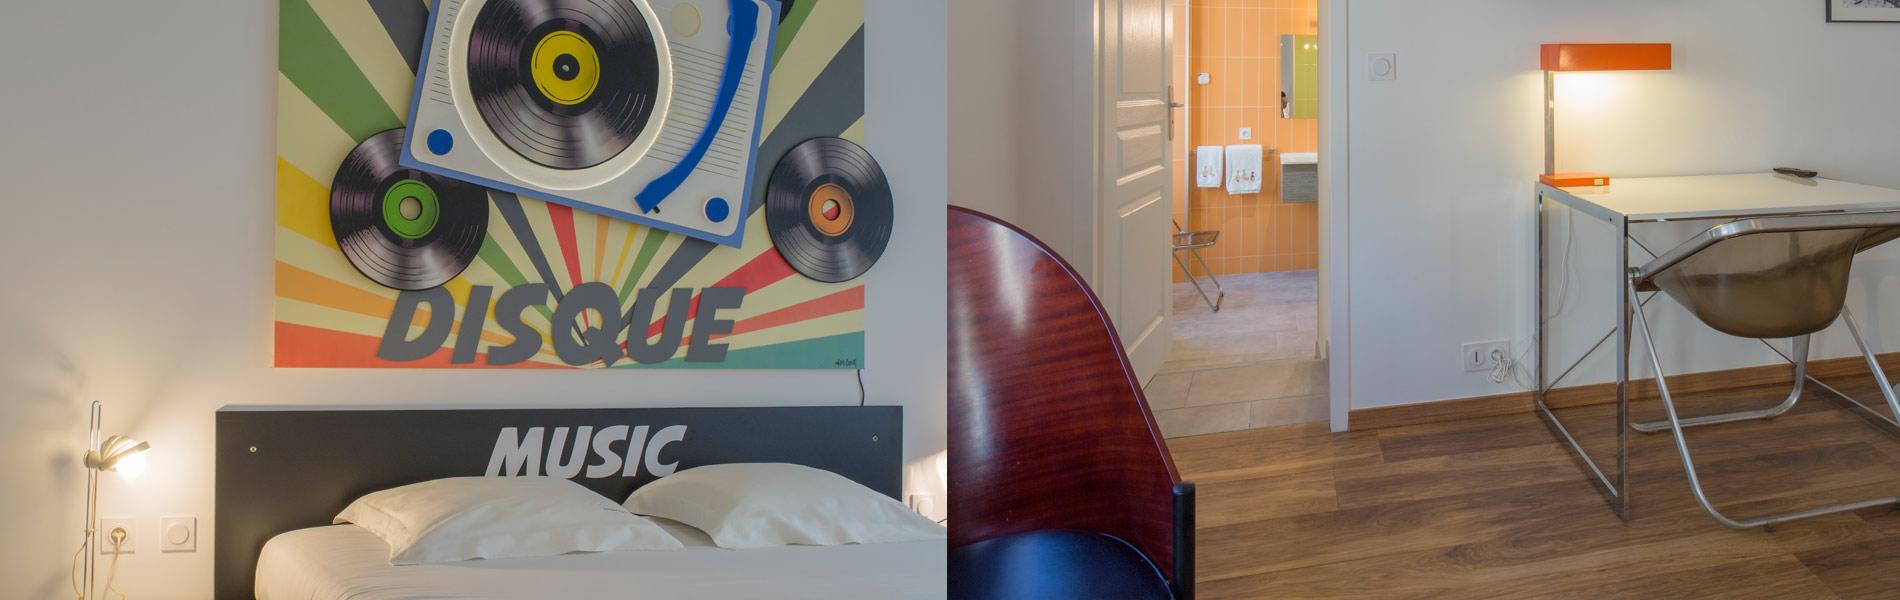 Maison Vintage chambre Vinyl